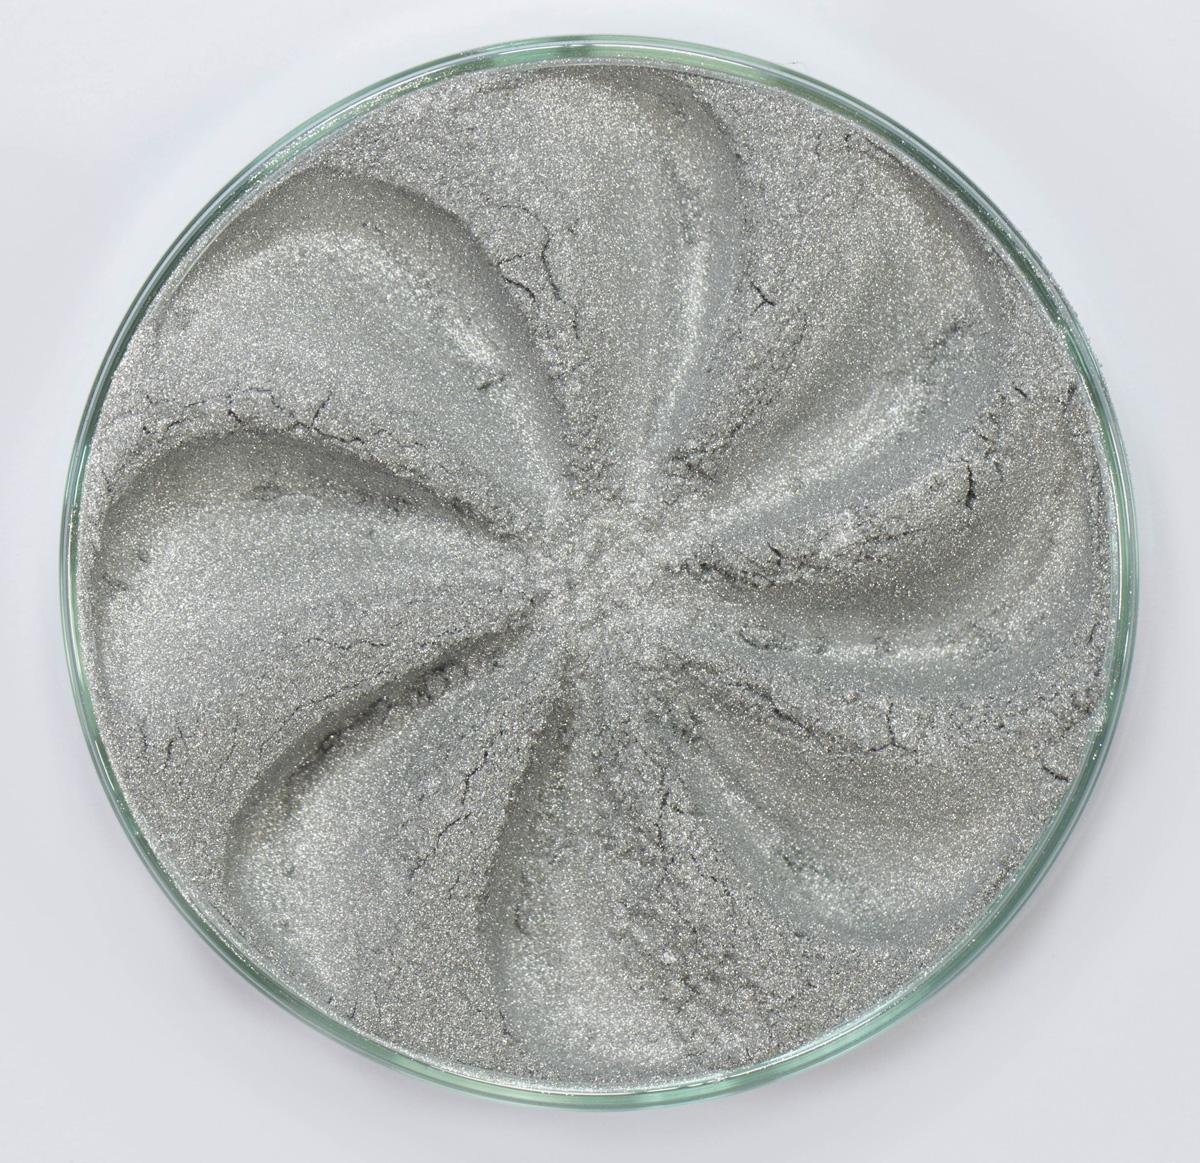 Era Minerals Минеральные Тени для век Frost тон F50 (искрящийся металлик), 4 млEYF50Тени для век Frost в своем покрытии и исполнении варьируются от мерцающих и морозных до ослепляющих словно блеск снежного кристалла. Яркие, уникальные и многоуровневые оттенки этой формулы с неотразимым эффектом прерывистого света подчеркнут красоту любых глаз. Сильные и яркие минеральные пигменты Можно наносить как влажным, так и сухим способом Без отдушек и содержания масел, для всех типов кожи Дерматологически протестировано, не аллергенно Не тестировано на животных Вес нетто 1г (стандартный размер)